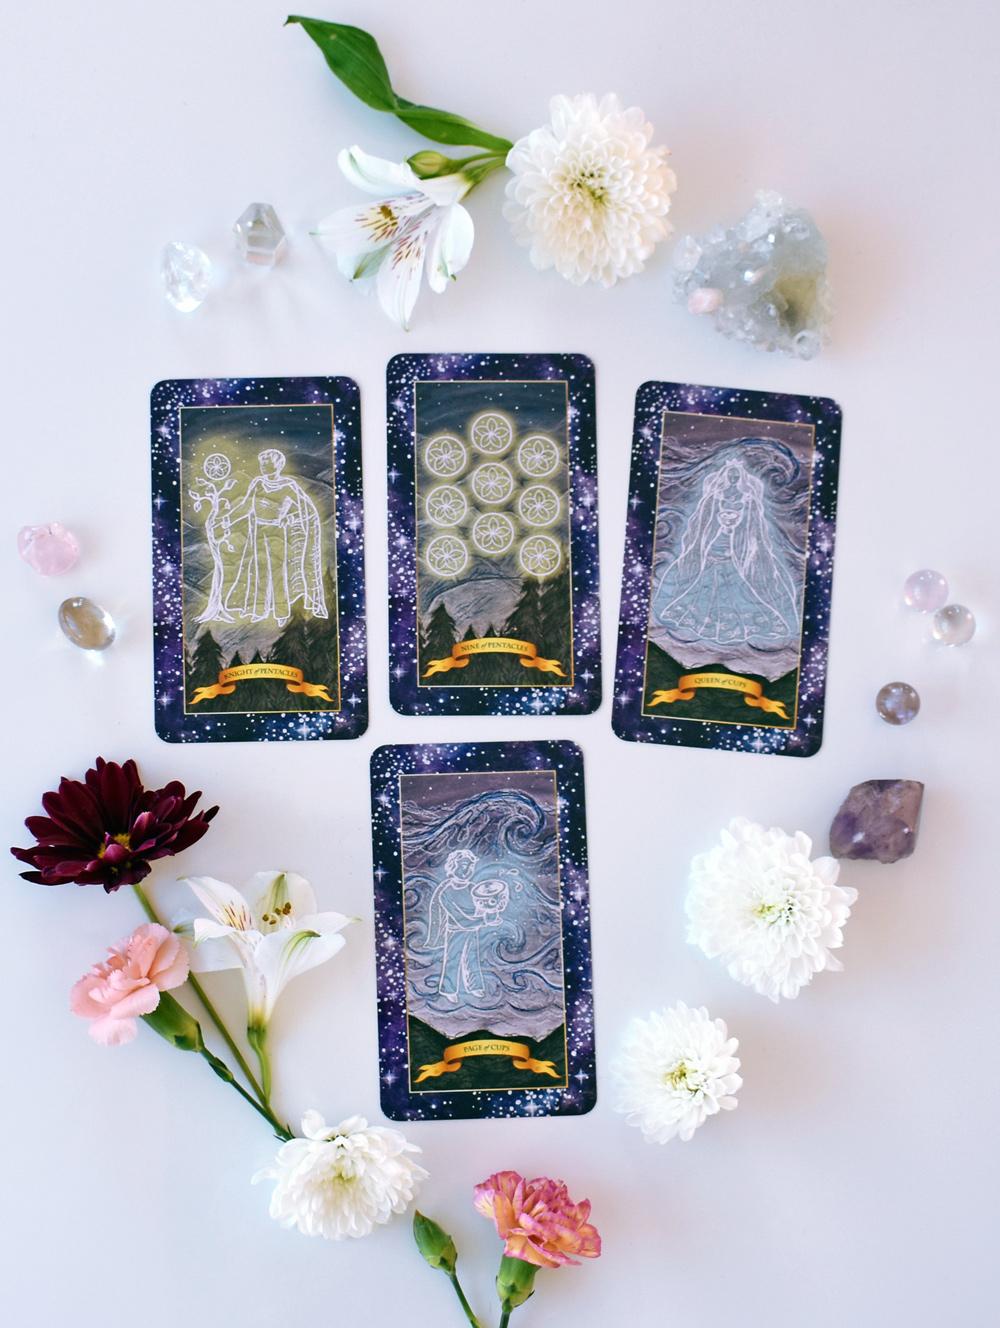 Tarot card reading, Spring Equinox 2018, Free Tarot Card Reading Online